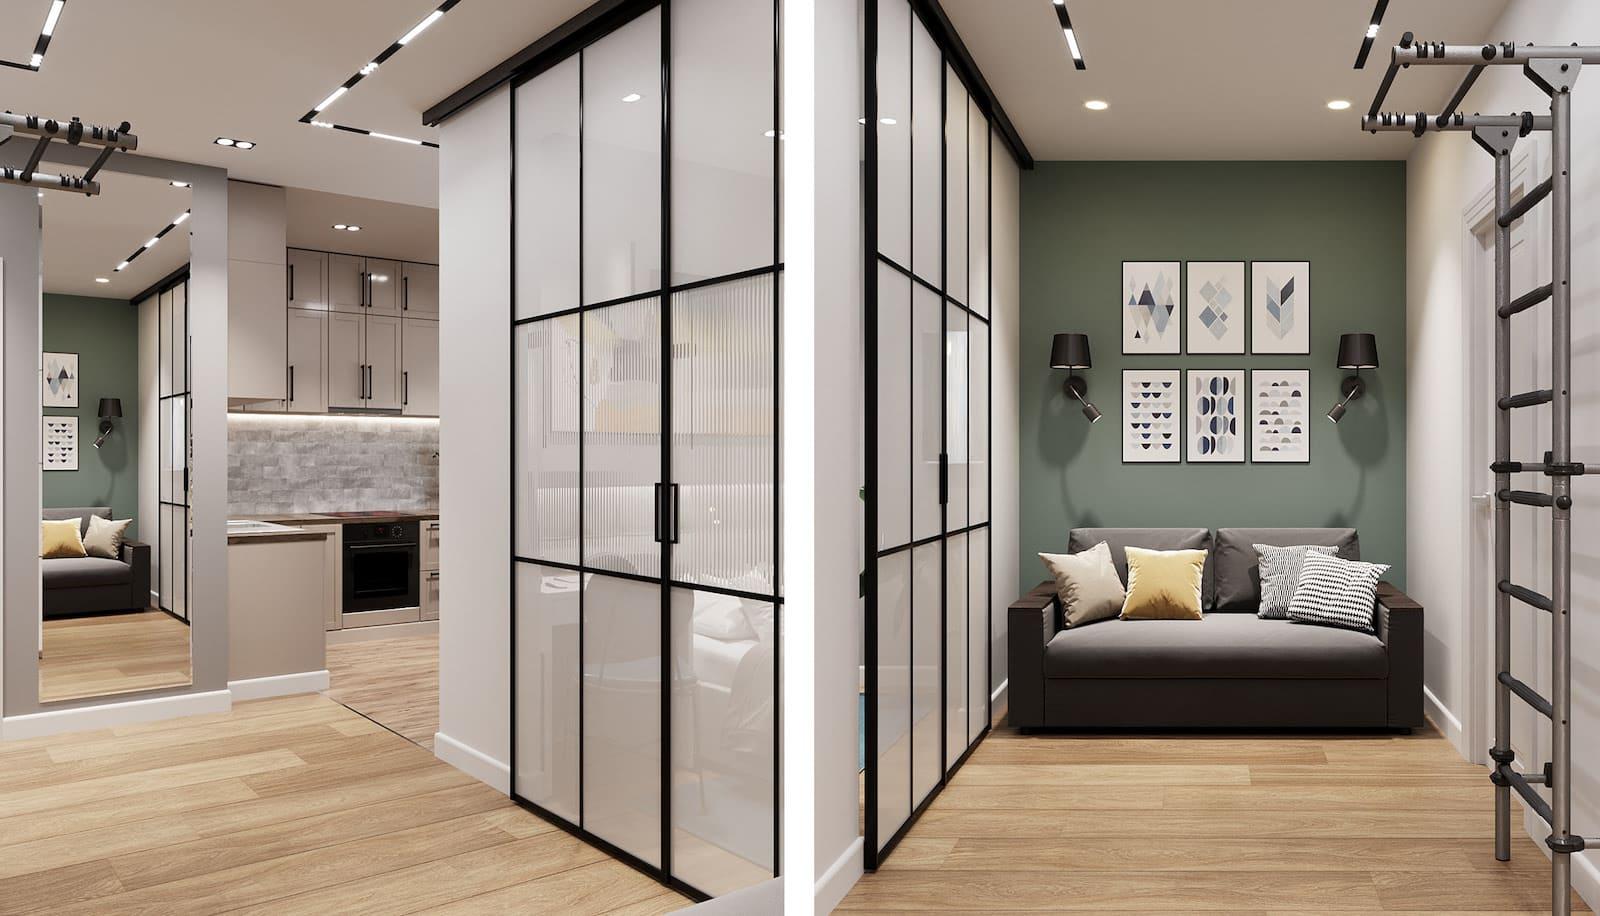 conception d'un appartement d'une pièce photo 24